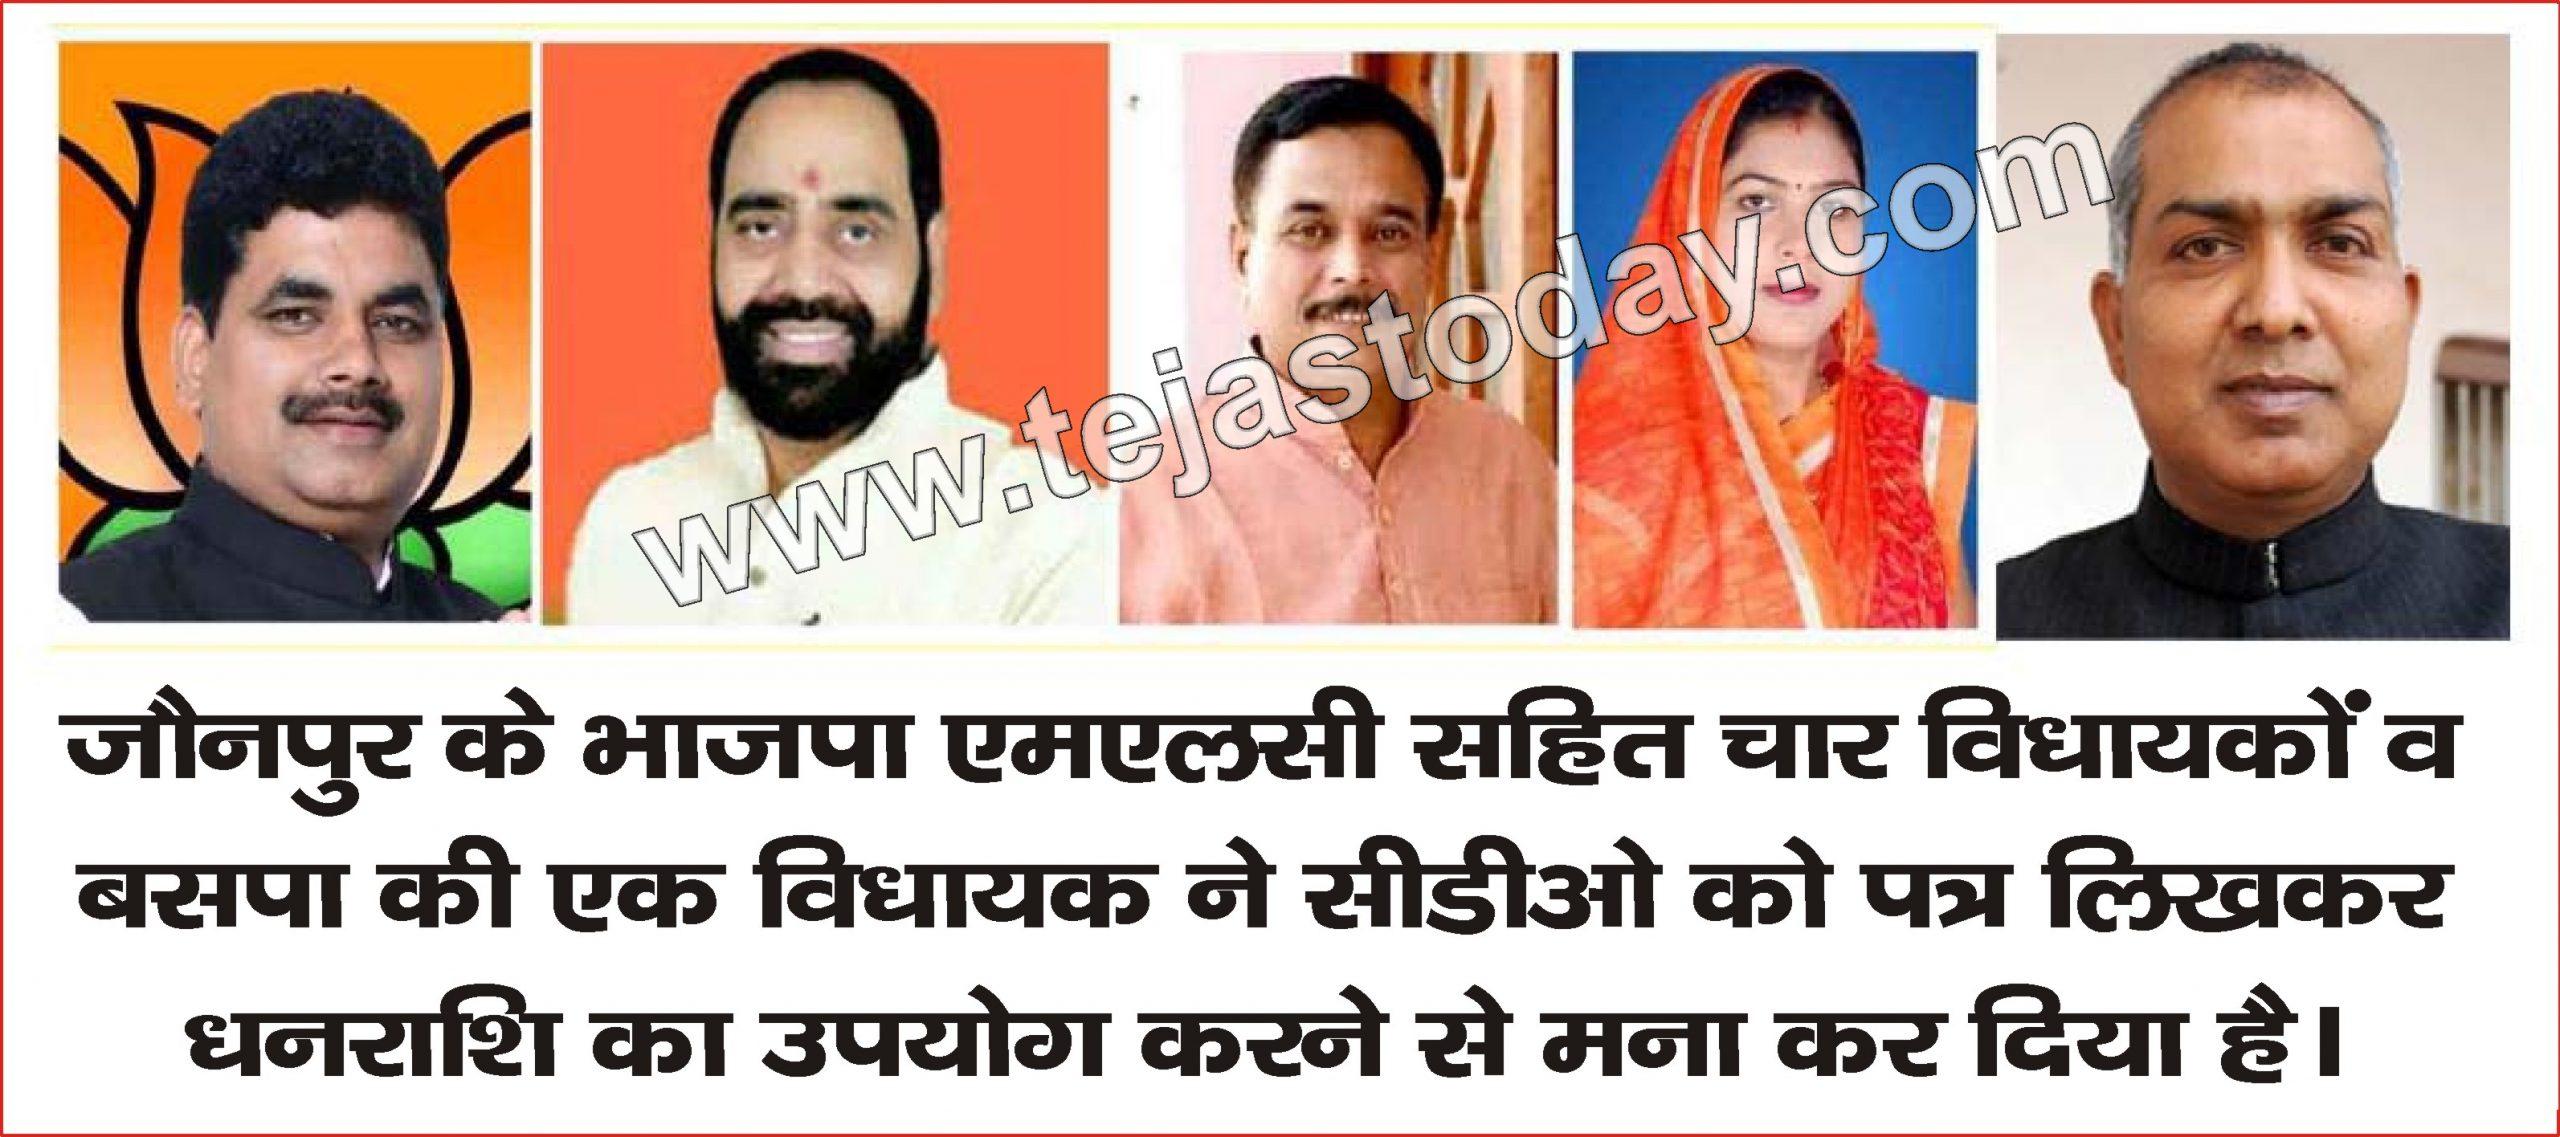 जौनपुर। कोरोना  संक्रमण से बचाव के लिए कई जनप्रतिनिधियों ने अपनी निधि से लाखों की राशि जिला प्रशासन को दी। लेकिन, अब भाजपा एमएलसी सहित चार विधायकों व बसपा की एक विधायक ने सीडीओ को पत्र लिखकर धनराशि का उपयोग करने से मना कर दिया है। सदर विधायक गिरीश चंद्र यादव व एमएलसी बृजेश सिंह प्रिंसू ने कोरोना से बचाव व उपचार को सीएमएस व जिला चिकित्सालय को निधि का पैसा आवंटित किया था, जबकि शेष आठ विधायकों ने अपने विधानसभा क्षेत्रों में सीएचसी पर उपकरण वास्ते सीएमओ को राशि दी थी। कोरोना वैश्विम महामारी से निपटने के लिए जन प्रतिनिधियों ने वित्तीय वर्ष 2019-20 के निधि से धनराशि से धन जारी किया था लेकिन बाद में उसे वापस ले लिया। इस आदेश के बाद पांच जनप्रतिनिधियों ने सीडीओ को पत्र भेजकर धनराशि खर्च न करने की बात कही है। जिसमें भाजपा एमएलसी विद्यासागर सोनकर ने एक करोड़, बदलापुर के भाजपा विधायक रमेश चंद्र मिश्रा ने 23 लाख, केराकत के भाजपा विधायक दिनेश चौधरी ने 10 लाख, मुंगराबादशाहपुर की बसपा विधायक सुषमा पटेल ने पांच लाख व जफराबाद के भाजपा विधायक डा. हरेंद्र प्रसाद सिंह ने 10 लाख रुपये दिए थे। निधि का उपयोग महामारी के लिए किया जा सकता है। शासनादेश के बाद ही सभी जनप्रतिनिधियों ने धनराशि पत्र लिखकर जारी करवाई। पांच जनप्रतिनिधियों की ओर से जारी निधि को निरस्त करने का पत्र दिया गया है। वैसे कुछ की राशि स्वास्थ्य विभाग को भेज दी गई है। अनुपम शुक्ला, सीडीओ। साभार : दैनिक जागरण